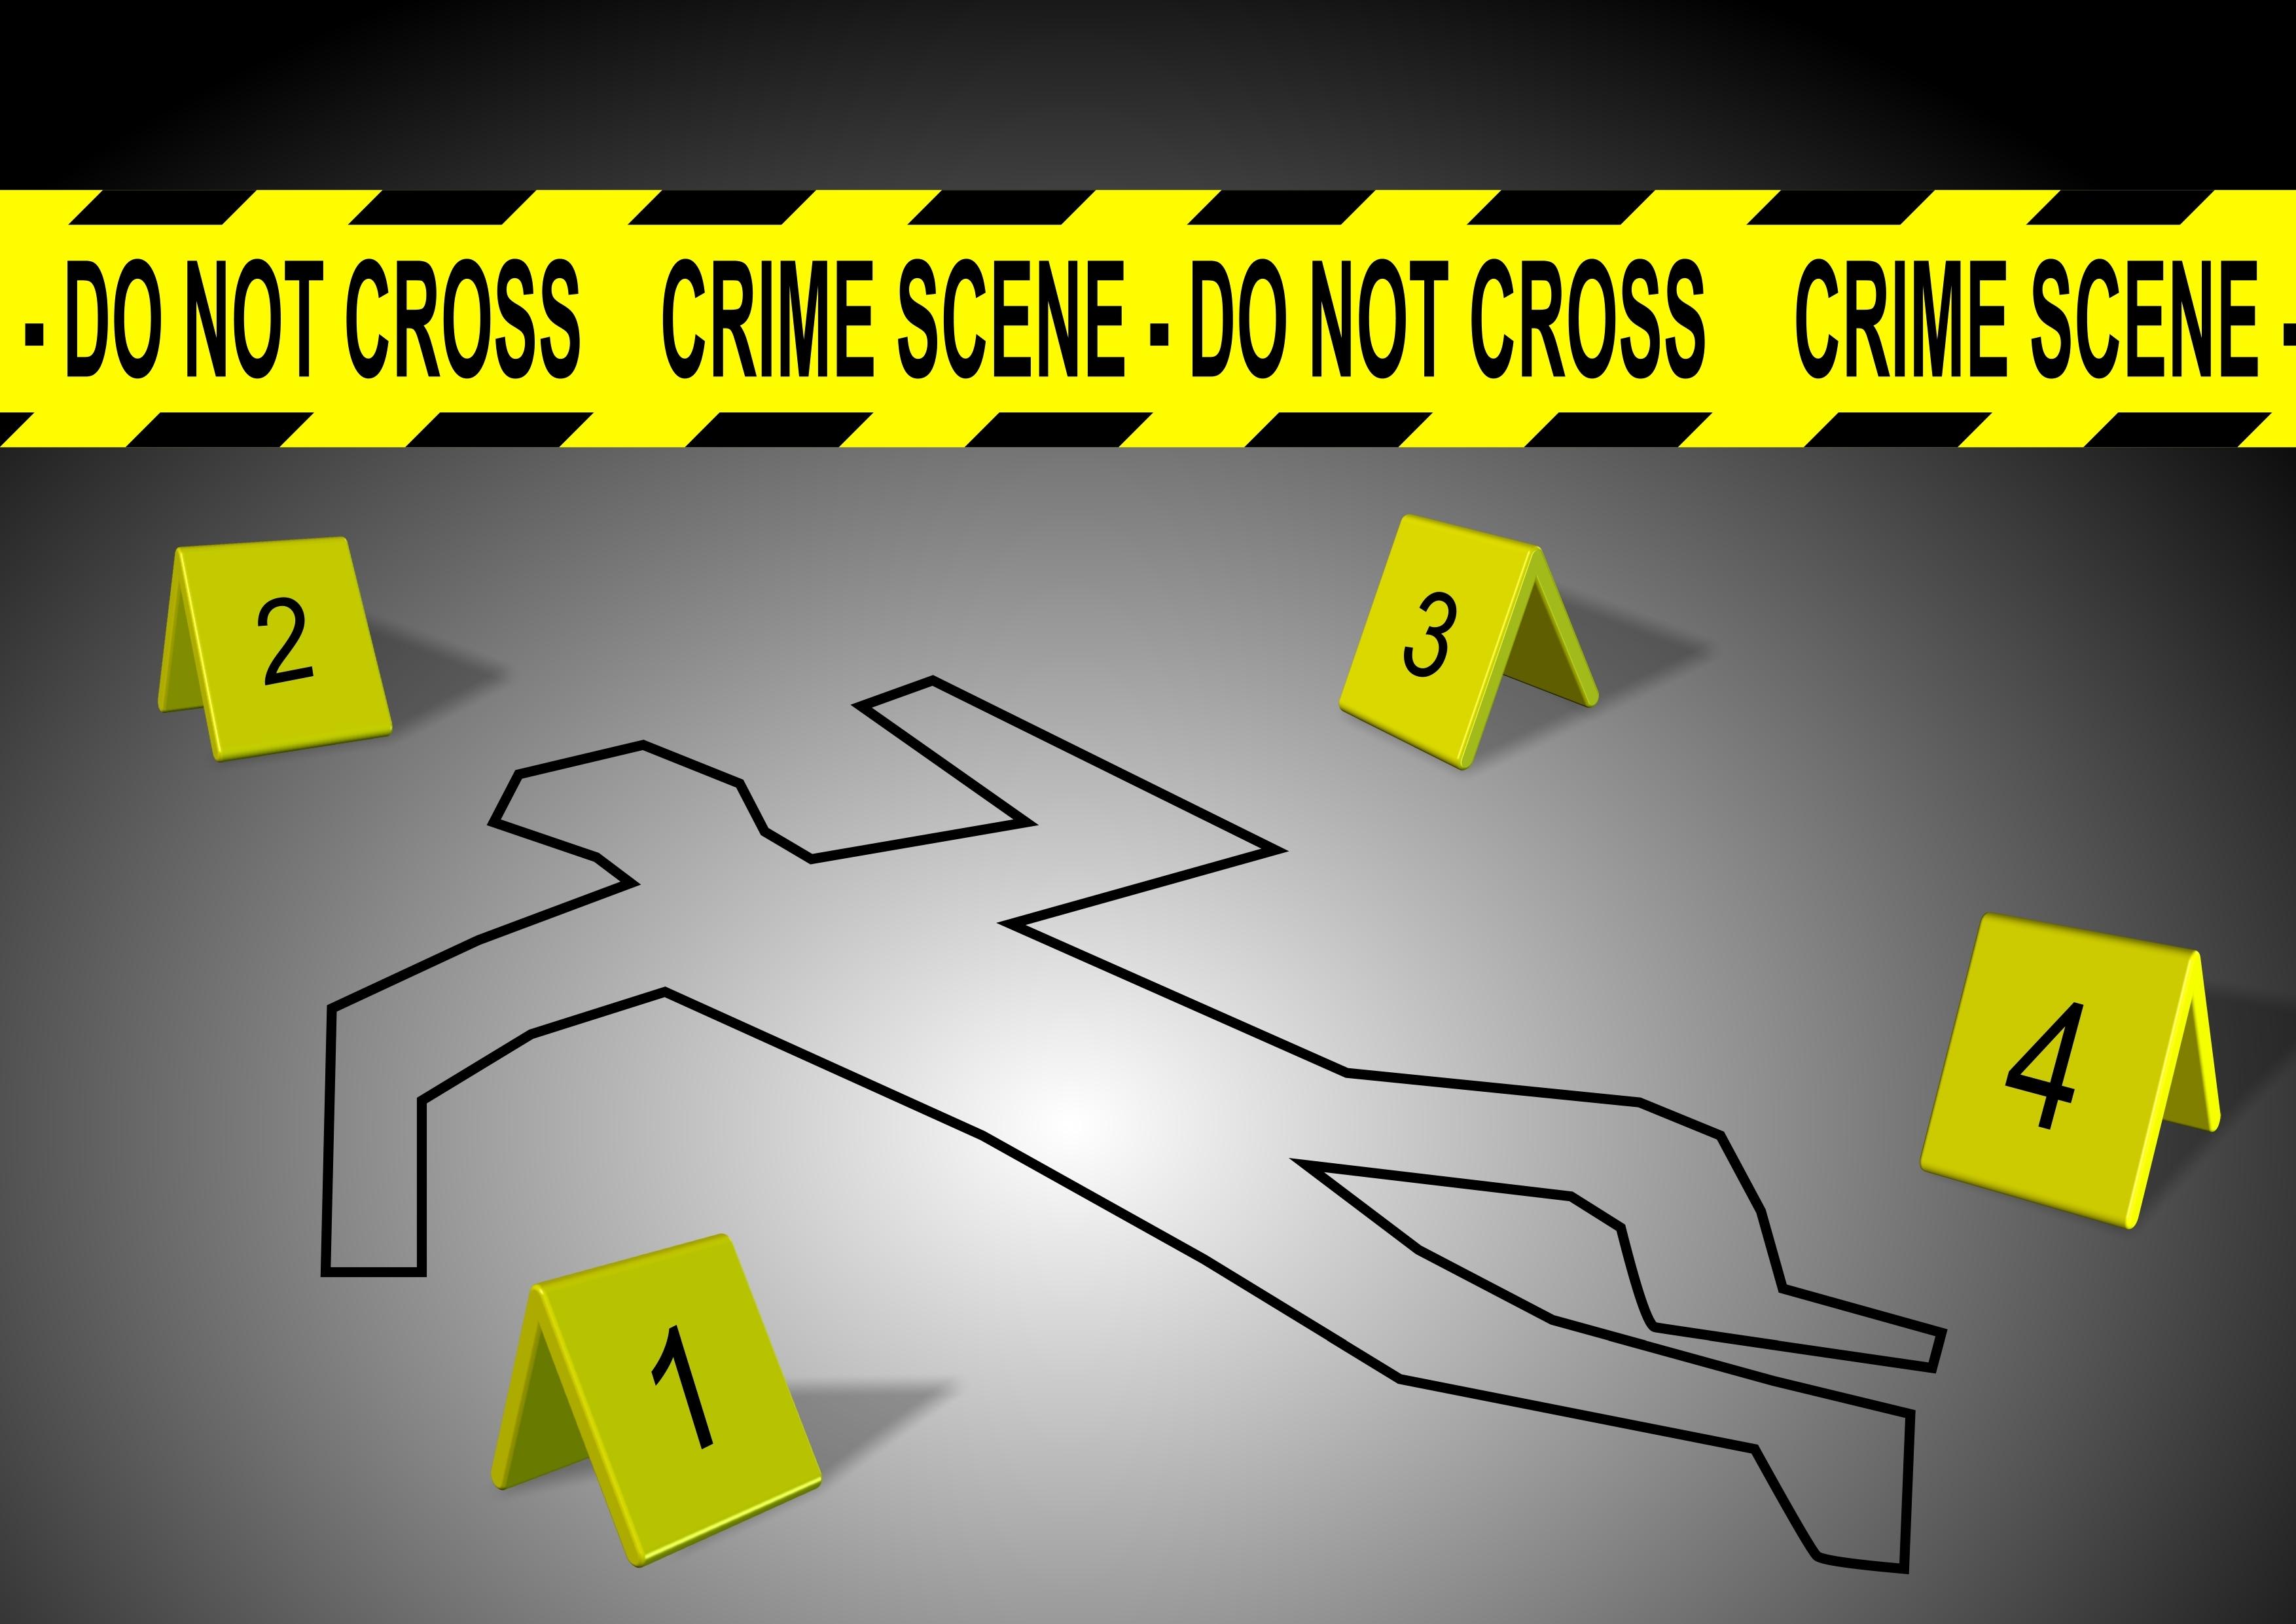 Omicidio Stradale: si può arrivare fino a 12 anni di carcere?